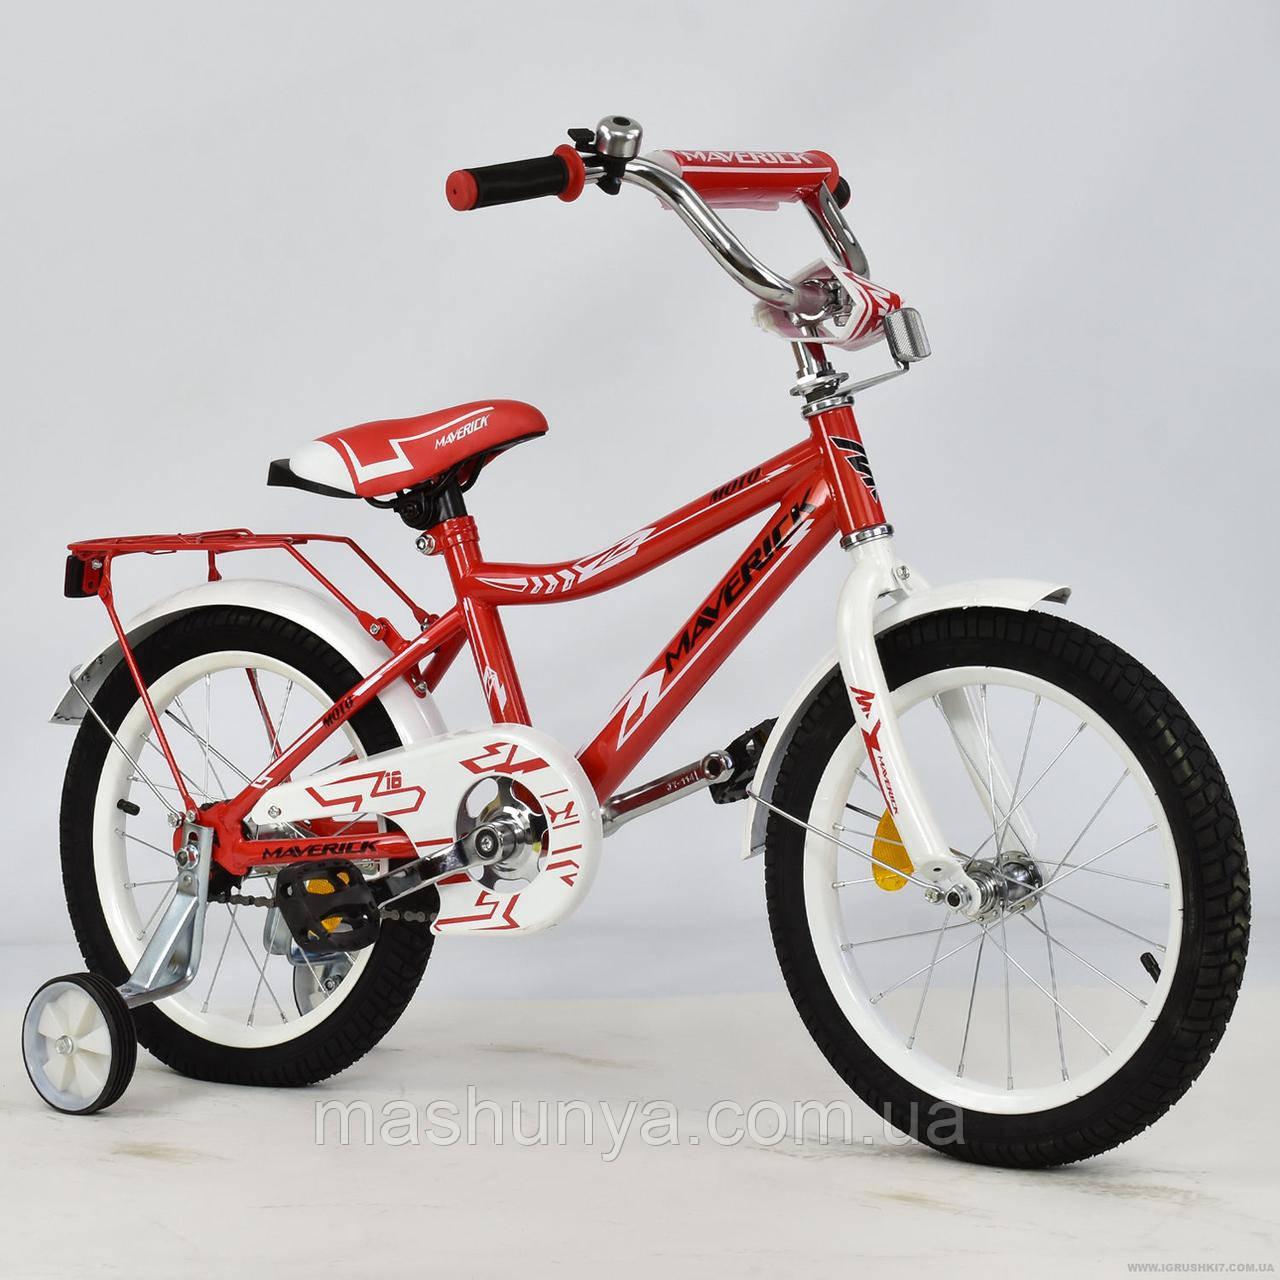 Велосипед двухколесный детский R-1601 Maverick 16 дюймов (4-6 лет)